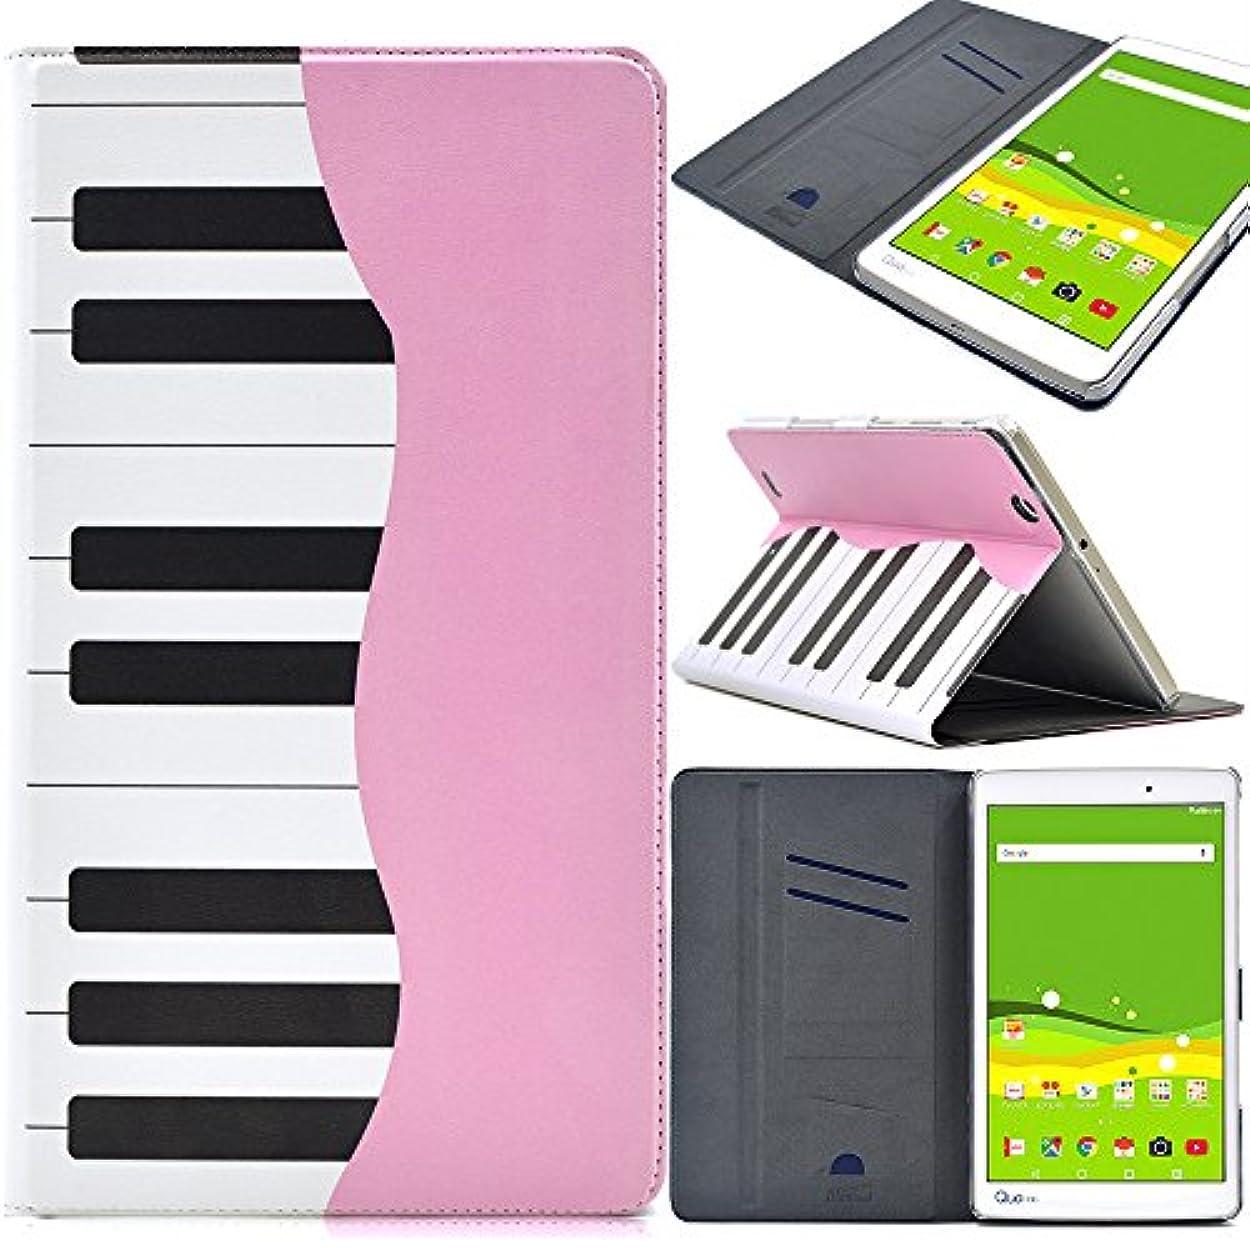 好意的品種電極dtab Compact d-01J ケース docomo dtab Compact d-01j カバー dtab Compact d-01J ケース 手帳型 dtab Compact d-01J カバー 軽量 スタンド機能付き dtab Compact d-01J 保護ケース スタンド機能、カードホルダ付き ピンクピアノ tablet